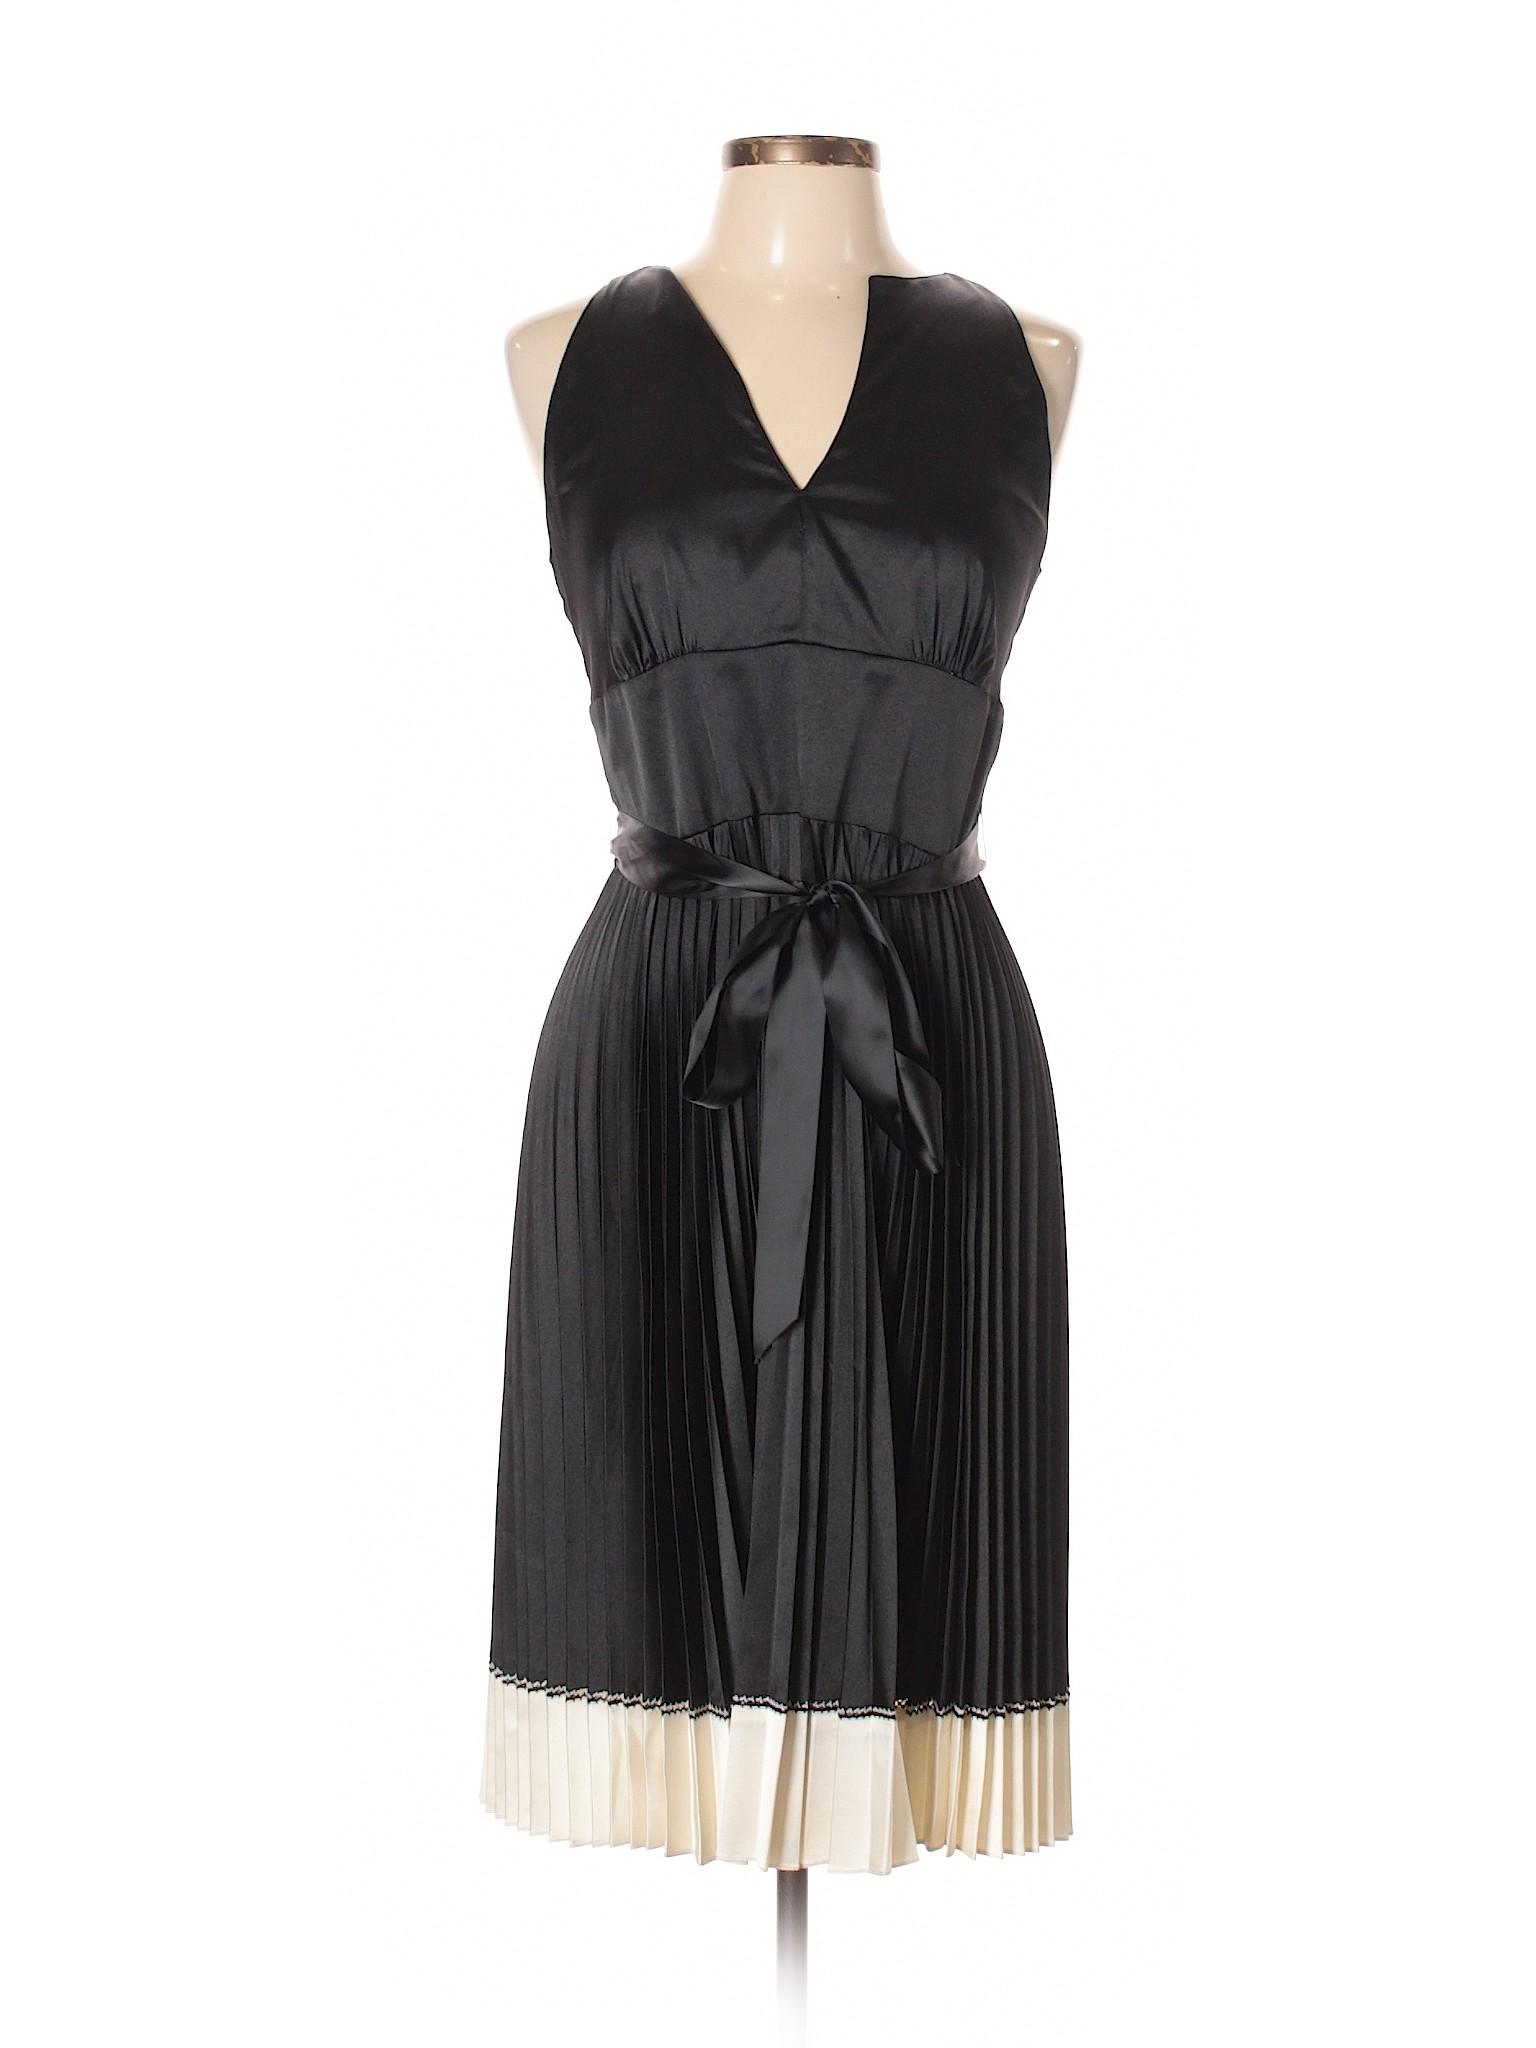 Selling Selling B Chetta Chetta Dress Dress Chetta Chetta Casual B Dress Casual B Selling Casual B Selling Rwqw7x